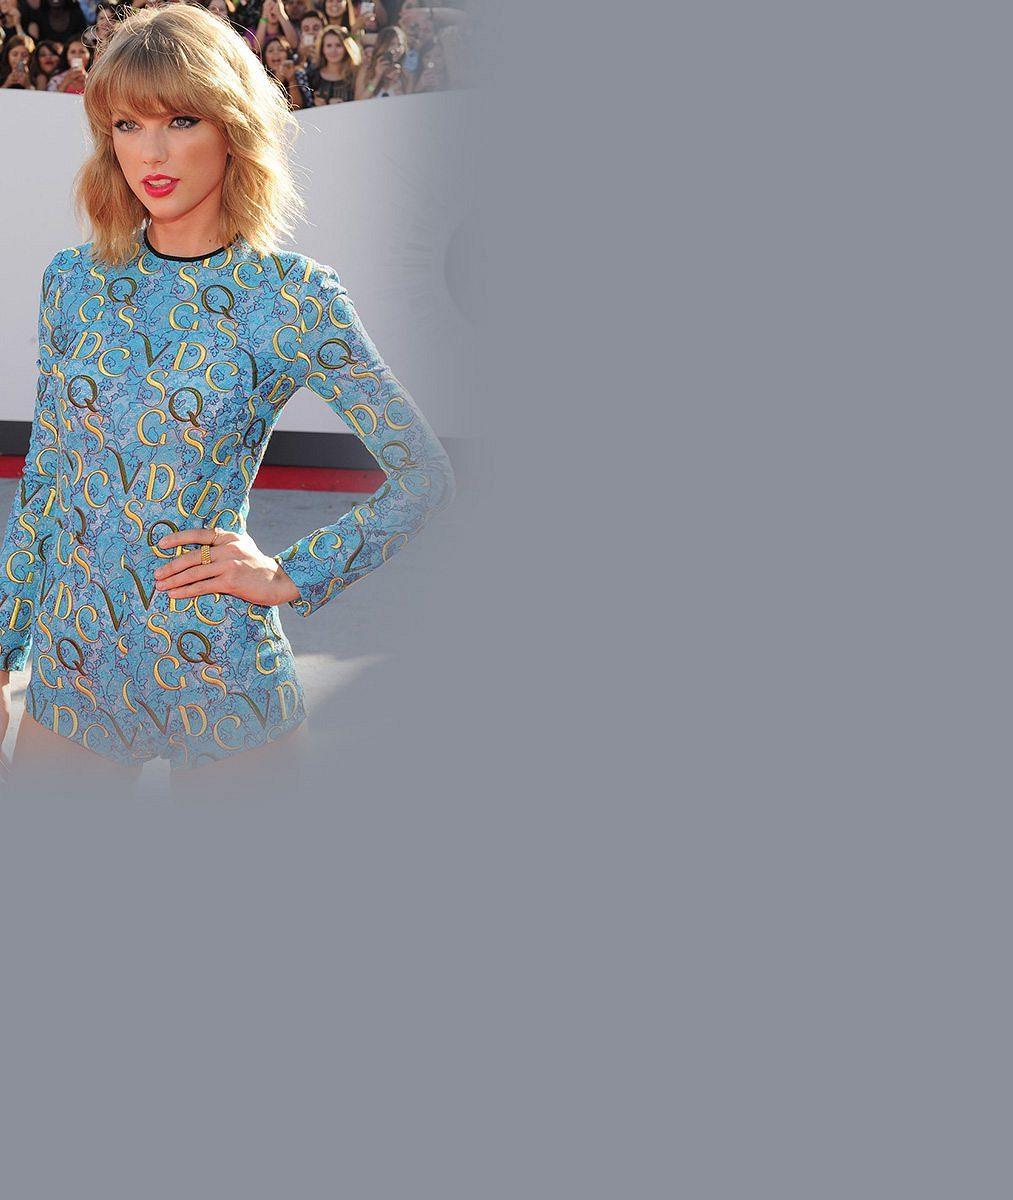 Je nádherná, vydělává nejvíc ze všech zpěvaček a ještě strčí do kapsy všechny modelky!